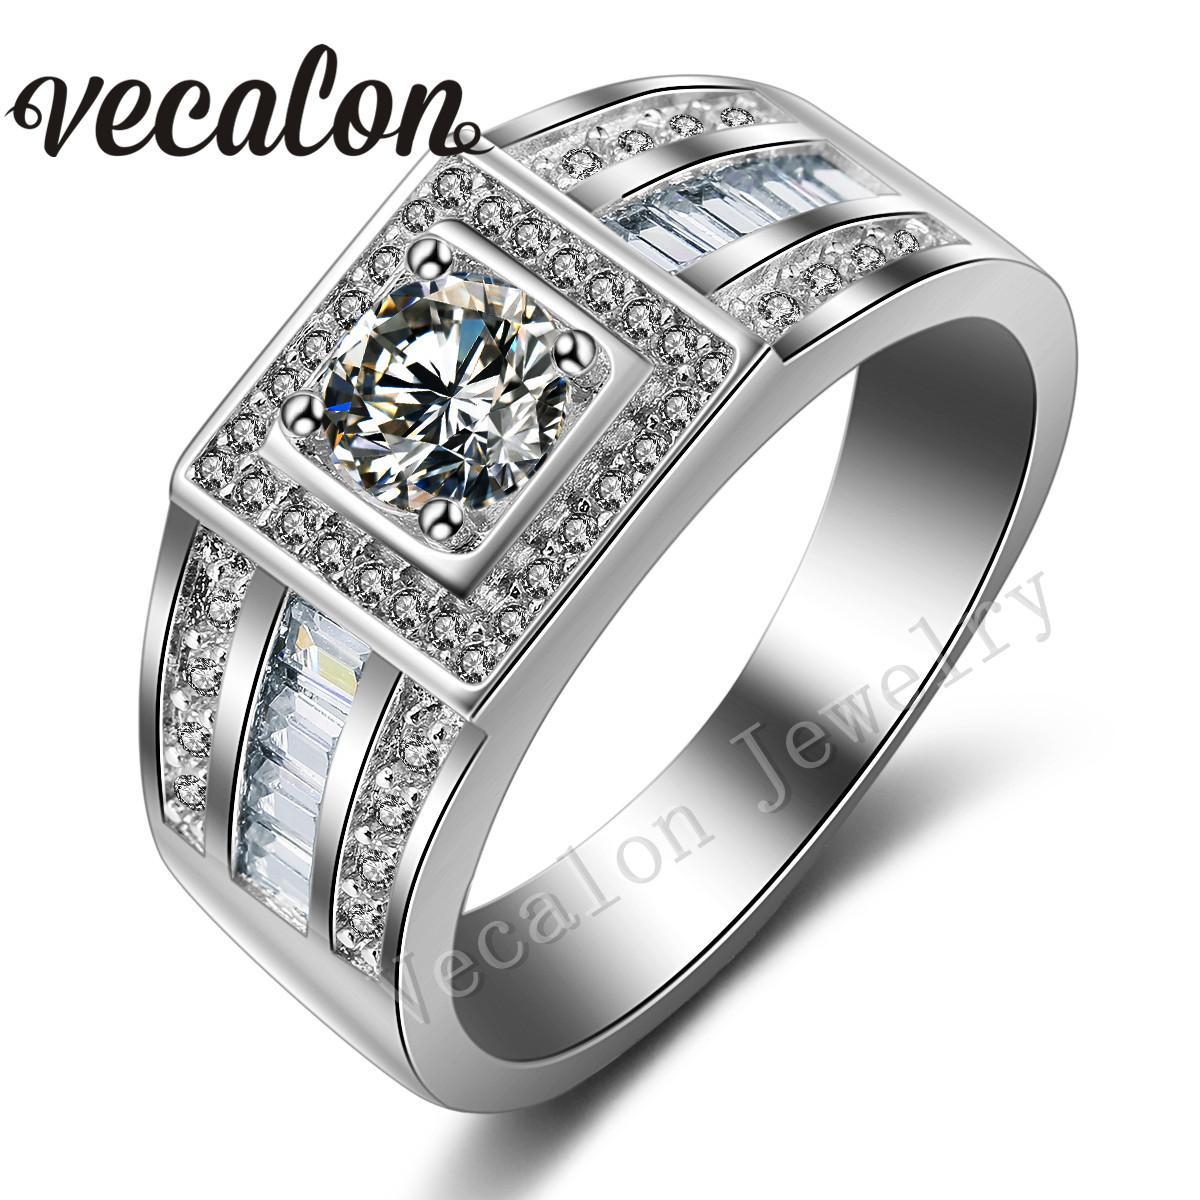 Vecalon Fashion Men Anello di fidanzamento Solitario 1ct Cz Anello di diamanti simulati 10KT Anello di nozze in oro bianco Riempito per uomini Sz 7-13